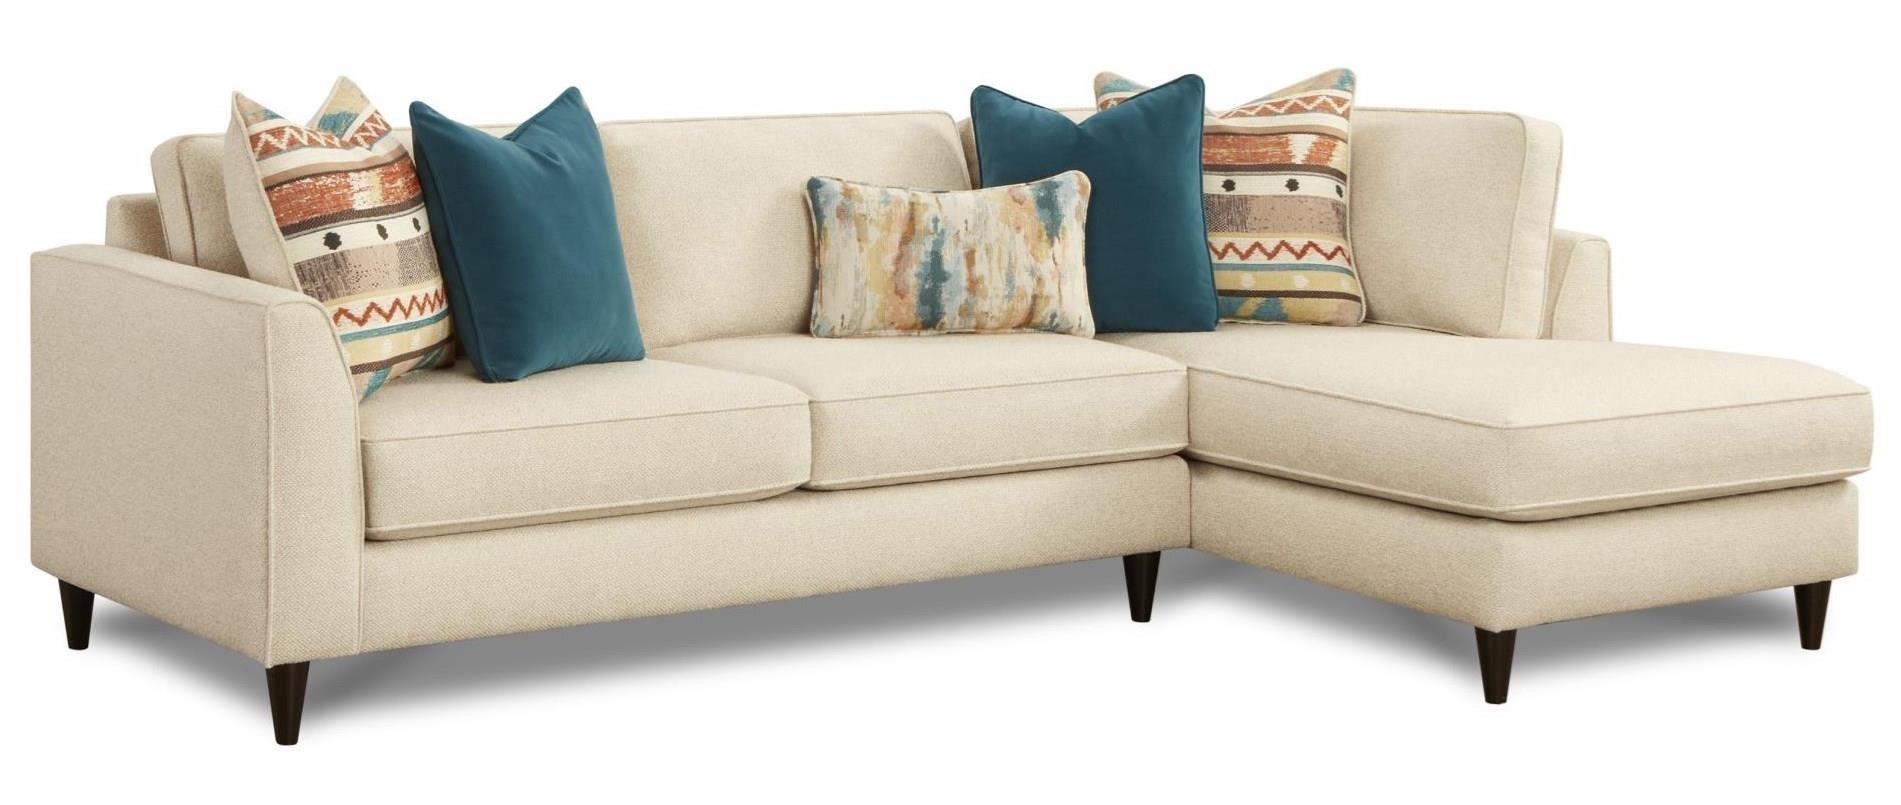 34 31 2 Pc Sofa W Raf Chaise